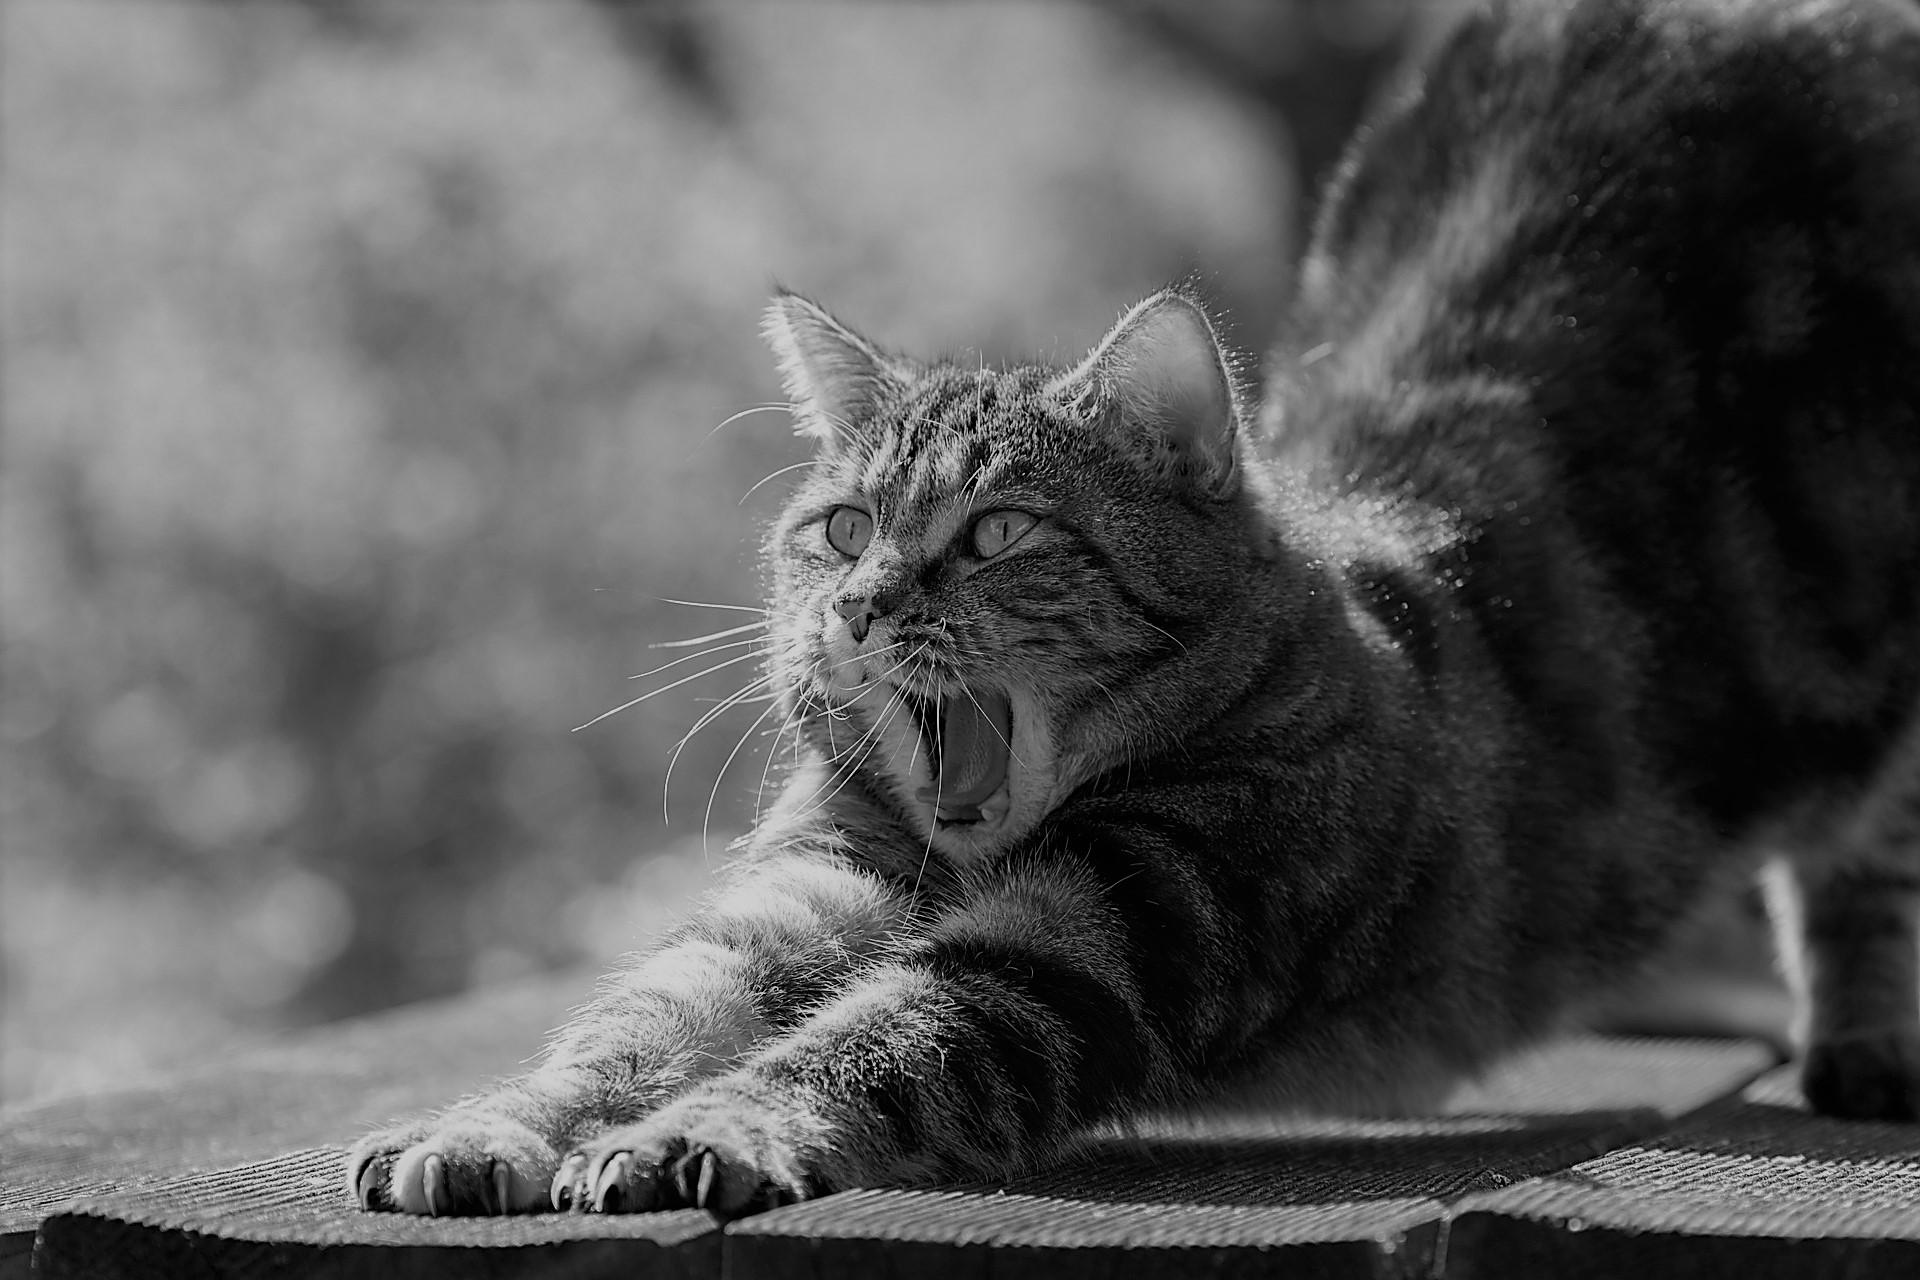 Katze gähnend und streckend